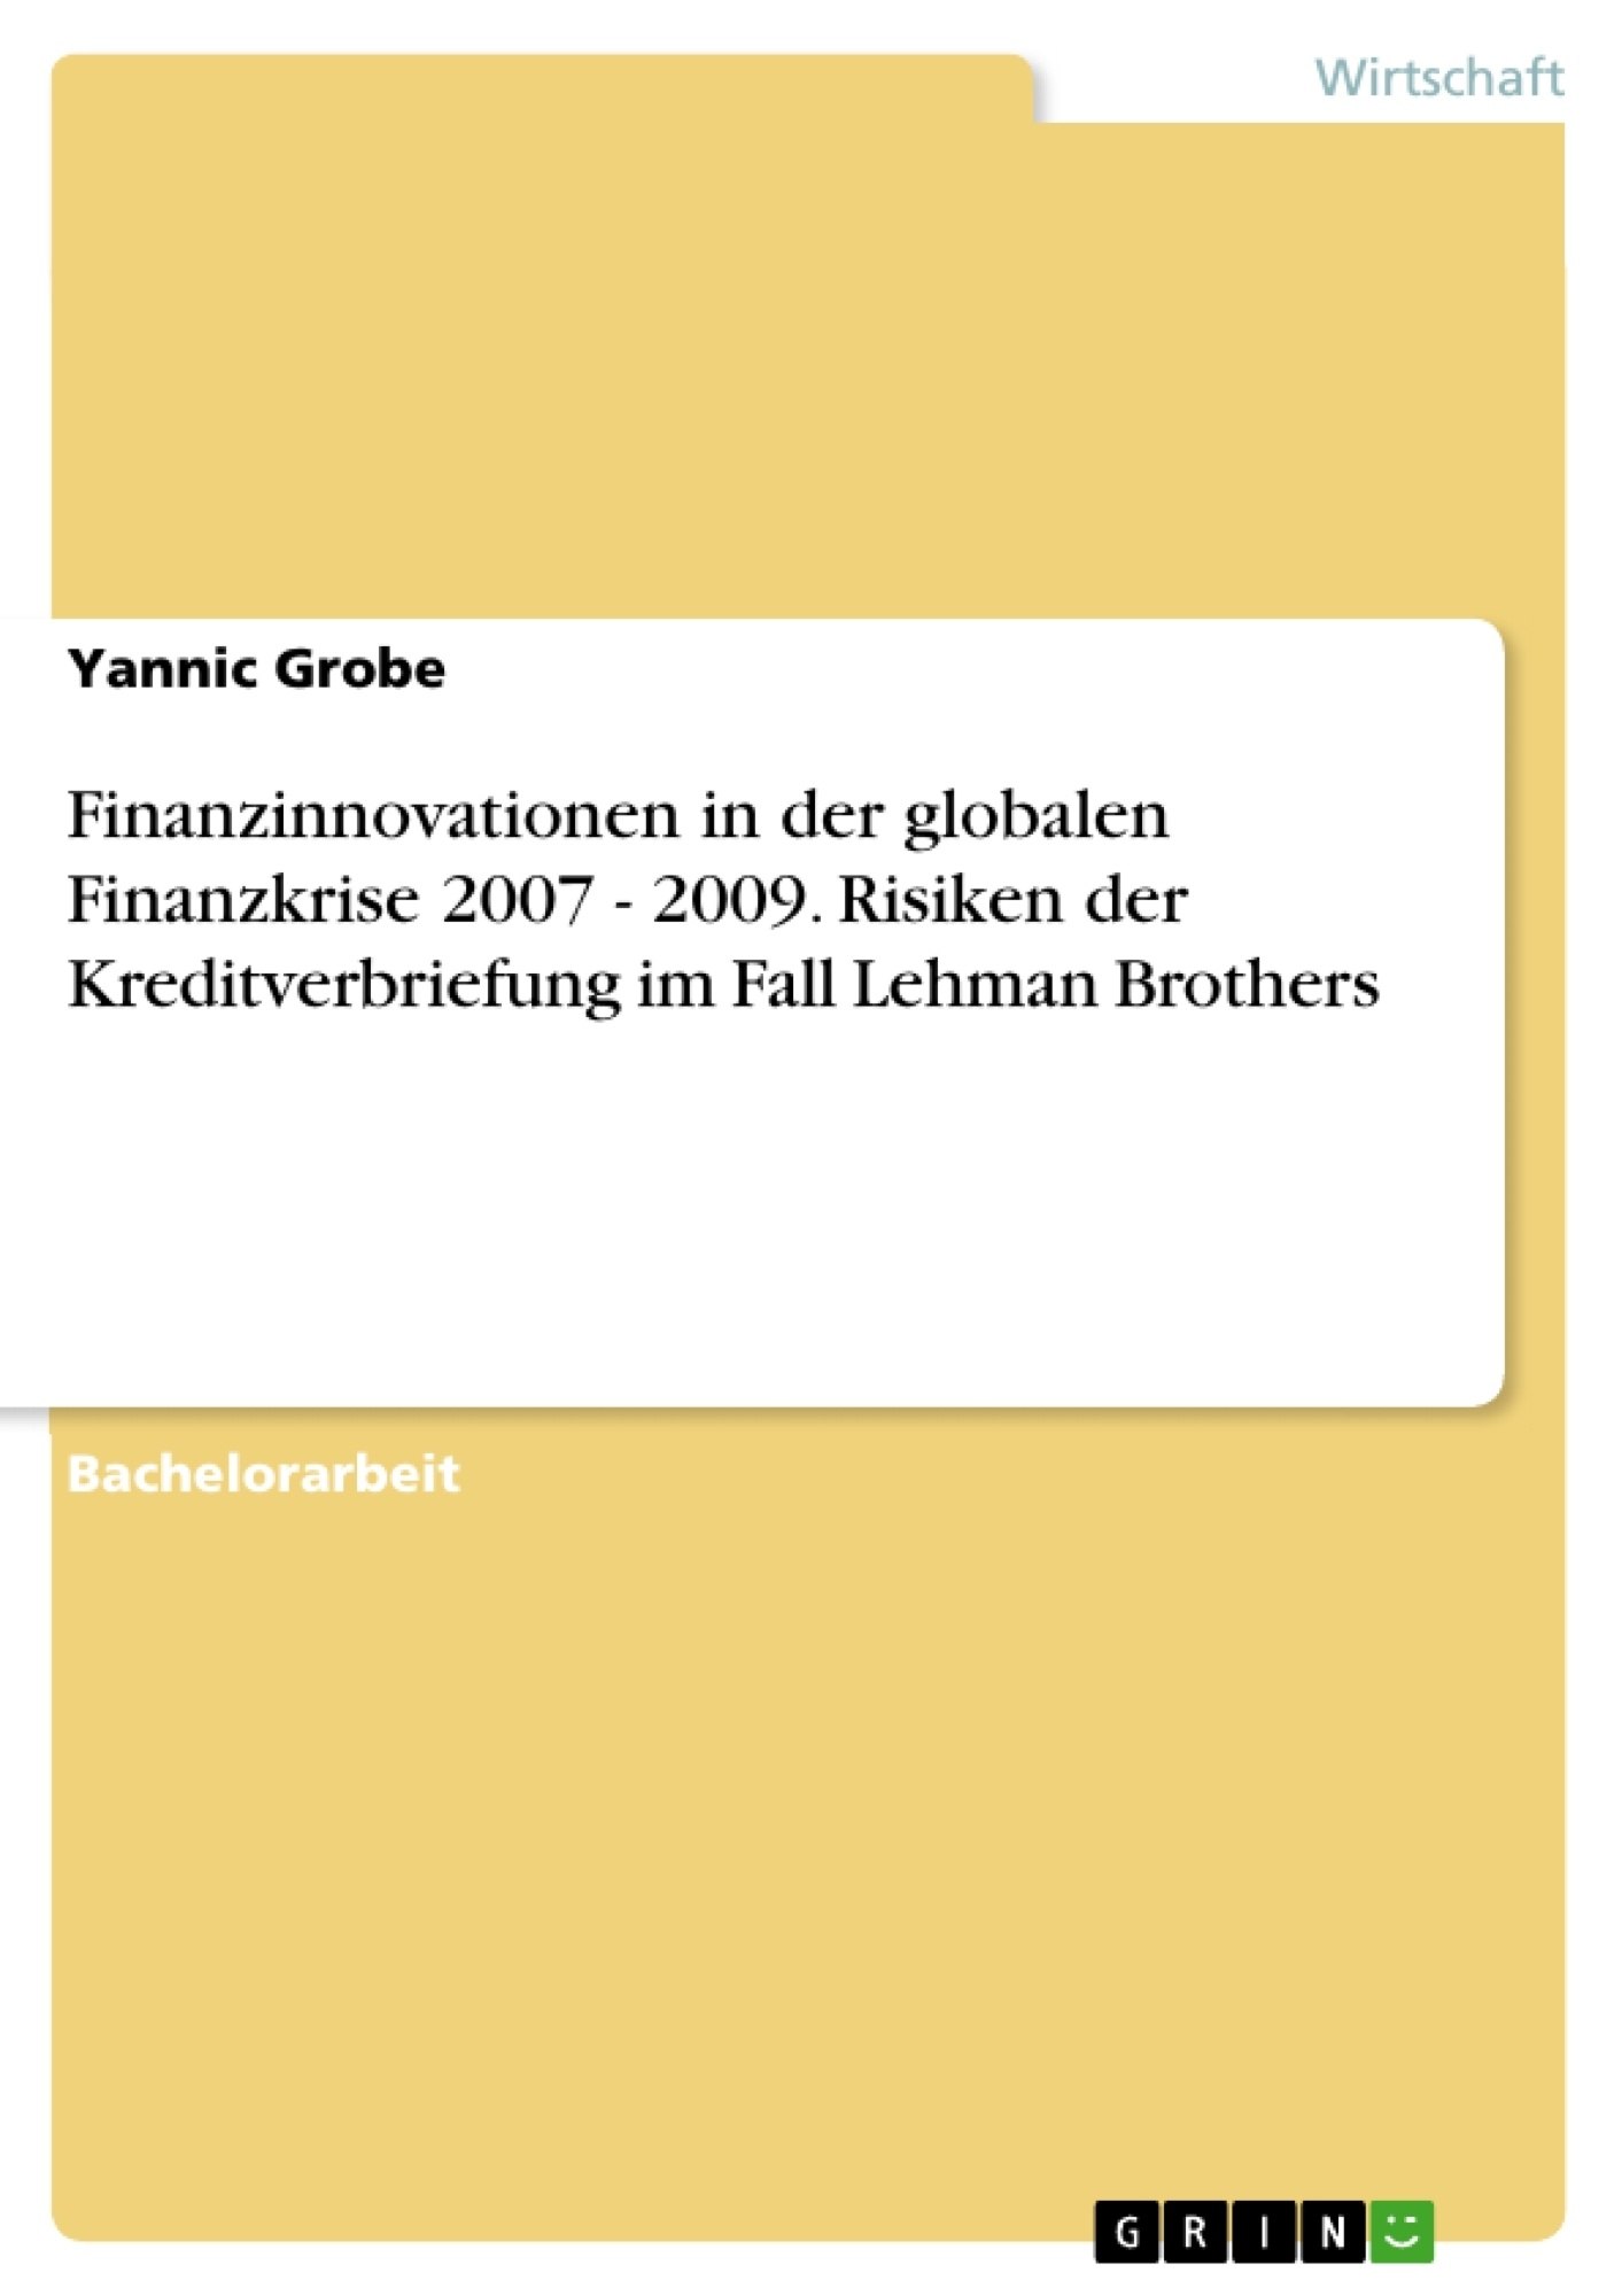 Titel: Finanzinnovationen in der globalen Finanzkrise 2007 - 2009. Risiken der Kreditverbriefung im Fall Lehman Brothers